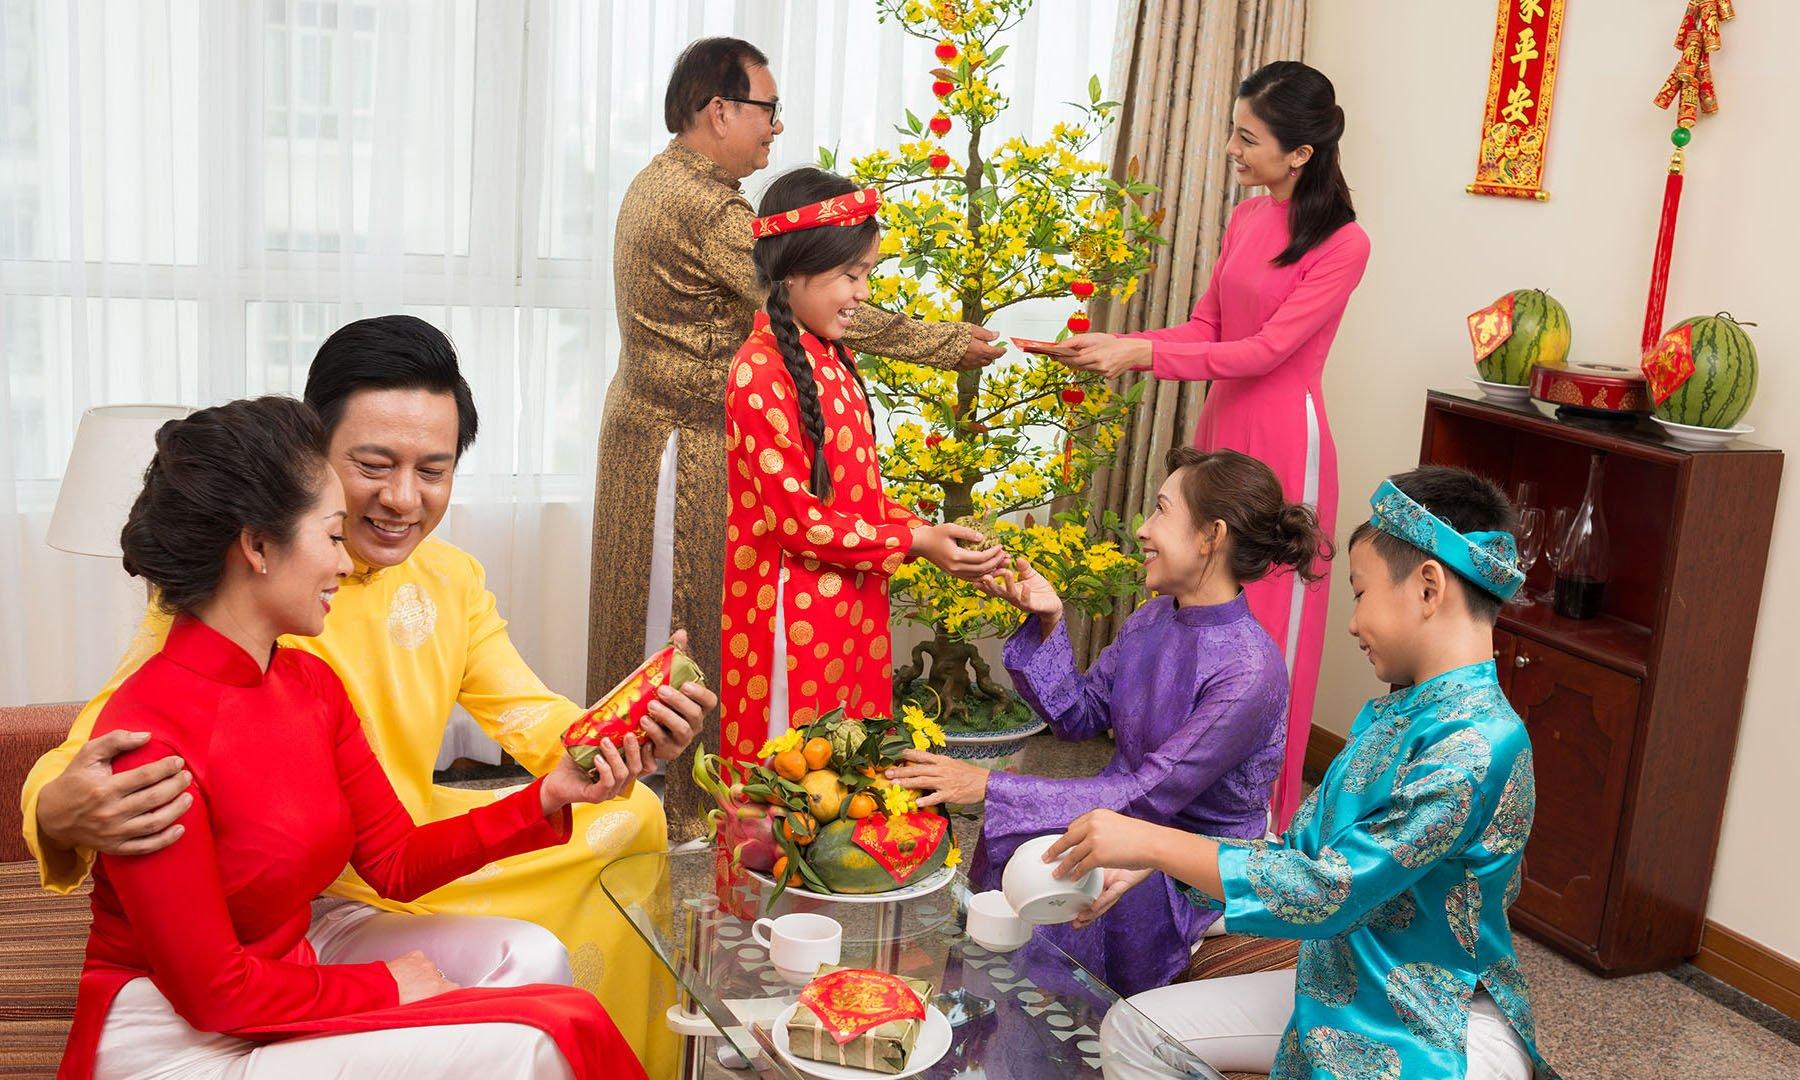 Tết đến nơi, bố mẹ cần dạy con 1 điều cấm kị không được làm khi nhận lì xì: Nếu phạm phải thì cả khách, cả chục đều khó xử - Ảnh 3.